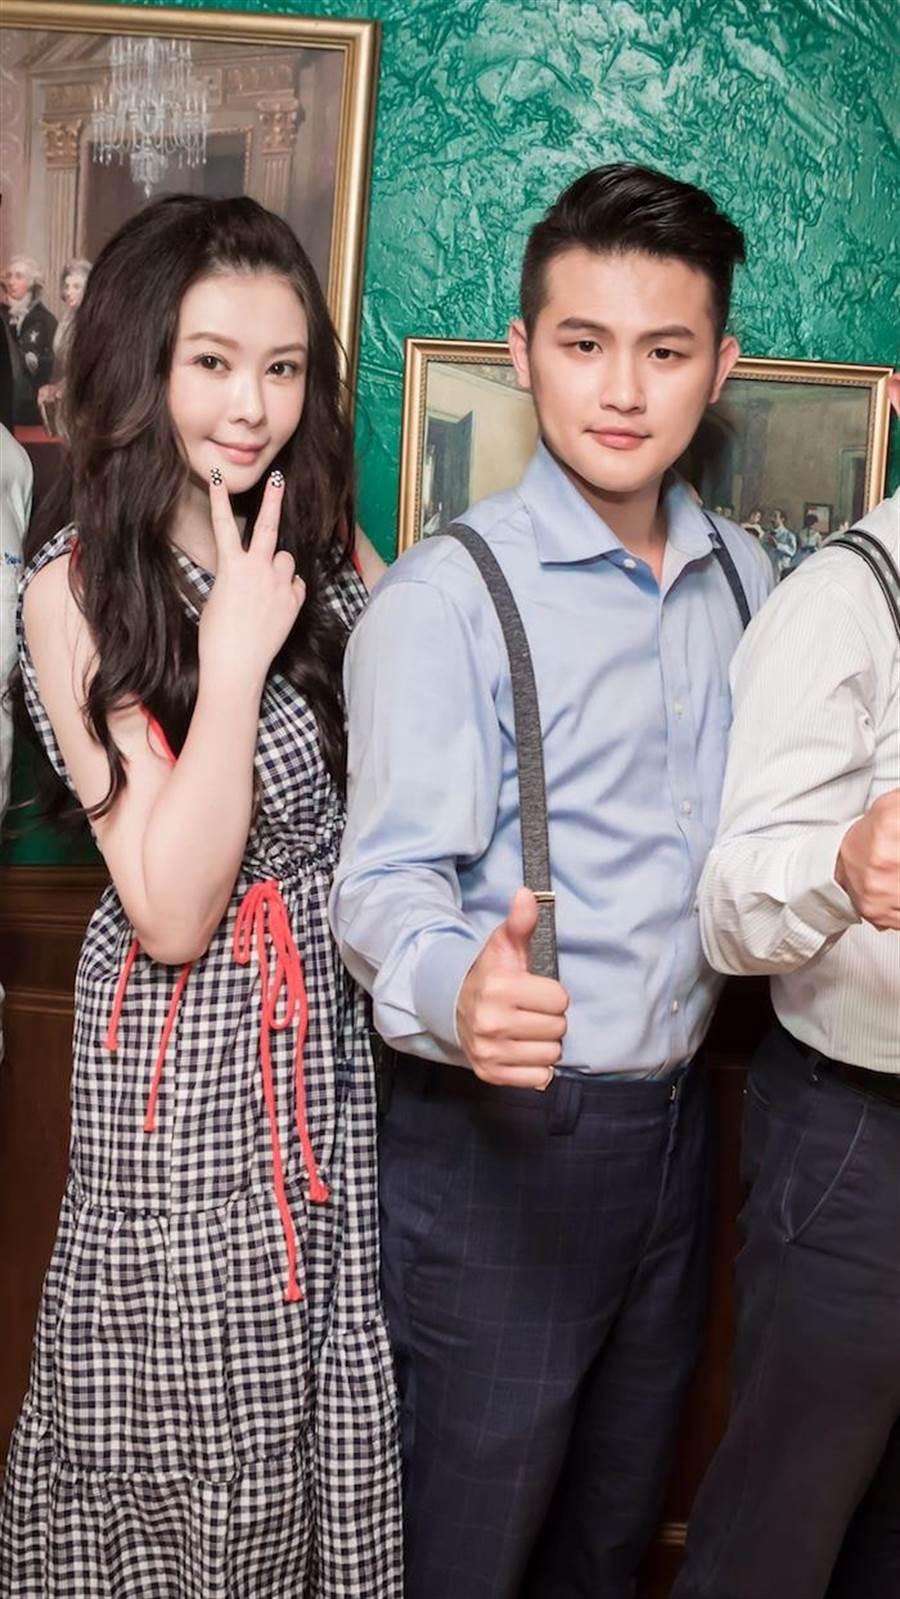 蕭淑慎(左)力挺老公梁軒安事業,她的臉蛋變漂亮似有「修修臉」。(權可易資訊科技股份有限公司提供)